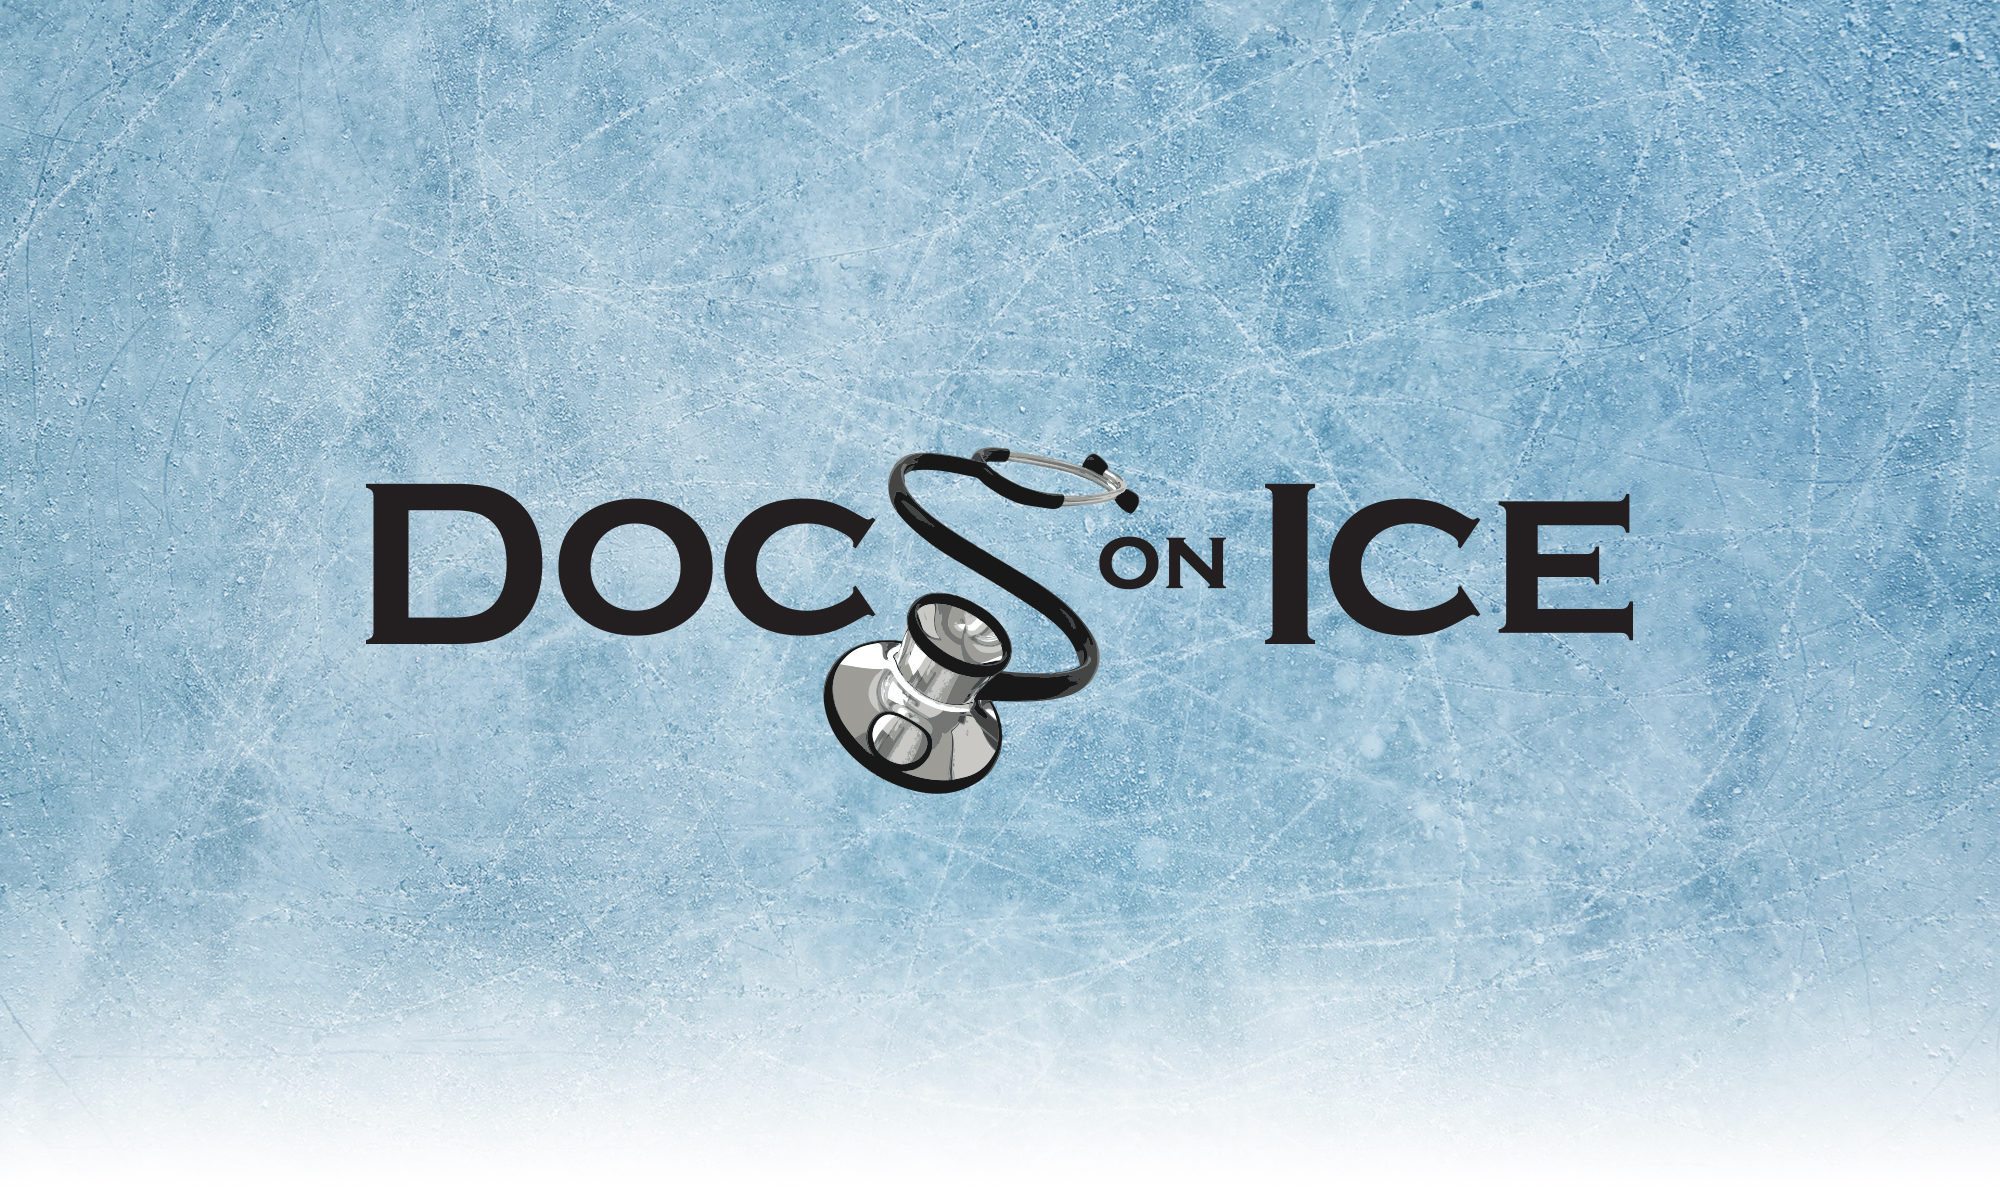 Docs on Ice